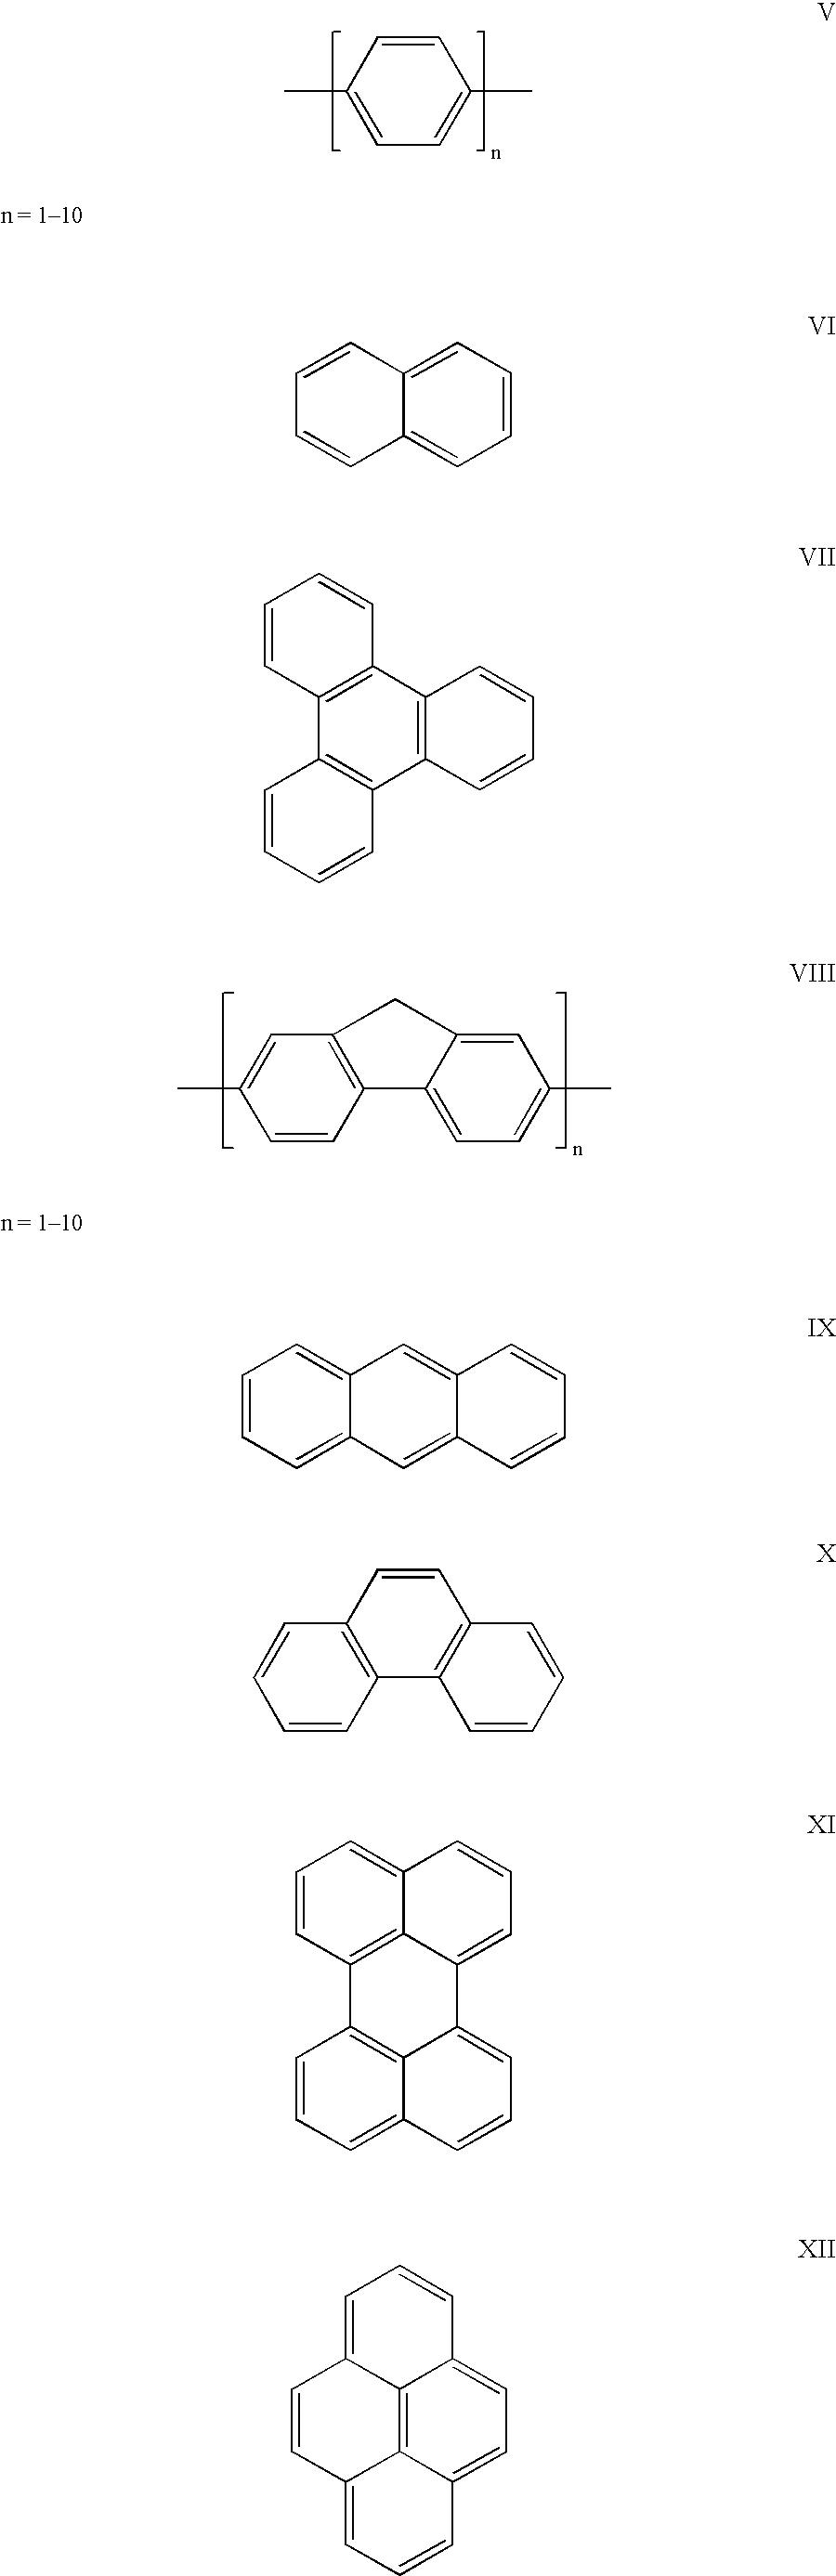 Figure US20050025993A1-20050203-C00009